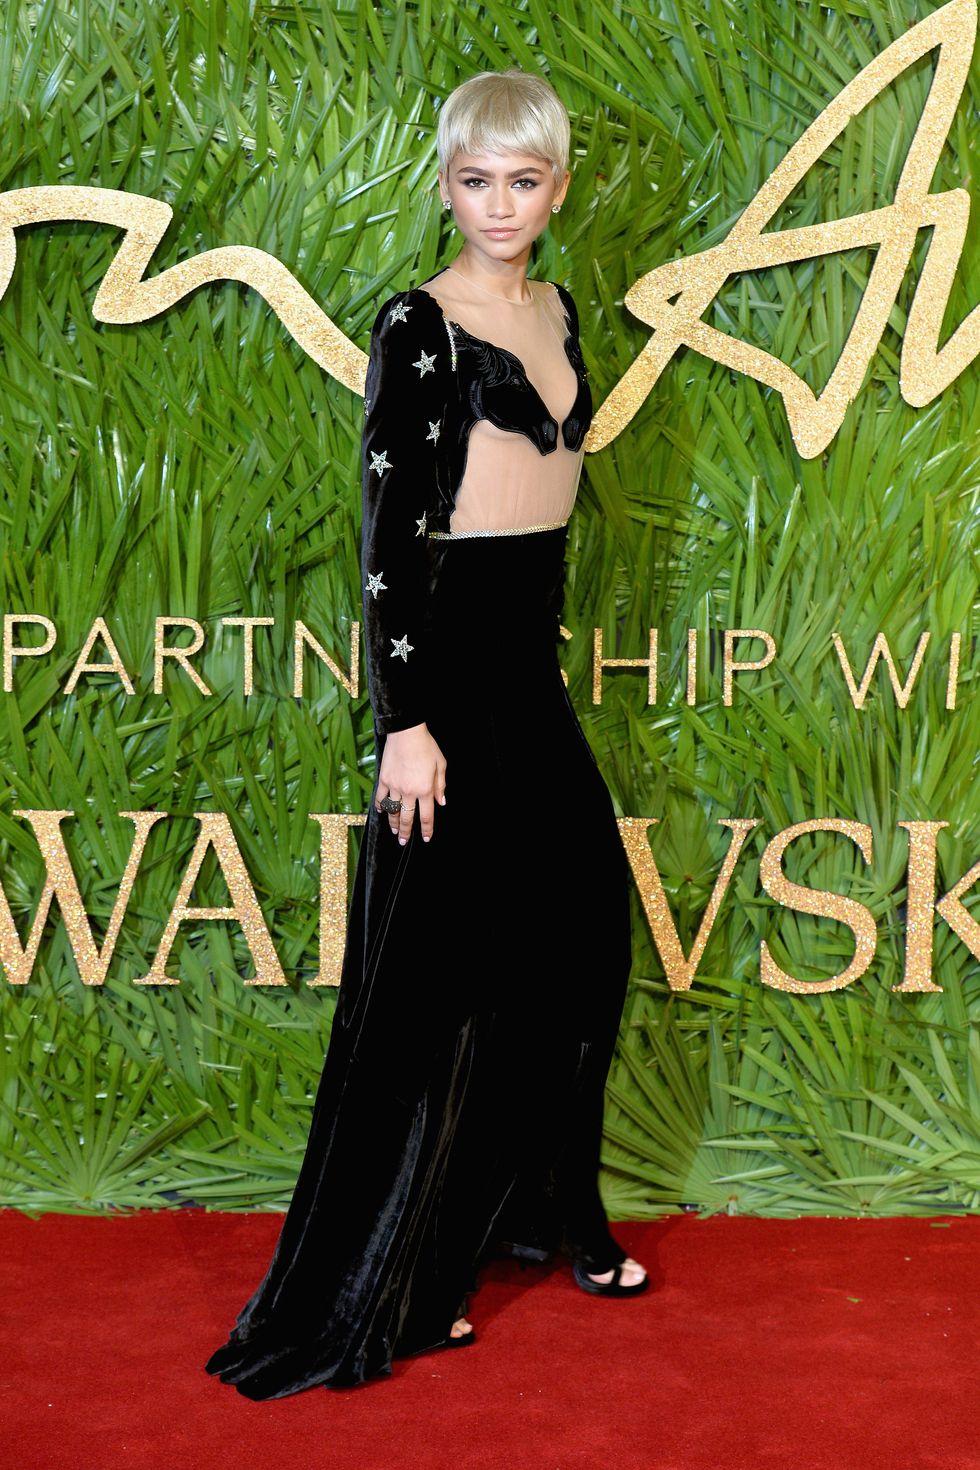 Aktorka na zielonej ściance i czerwonym dywanie ubrana w czarna suknie